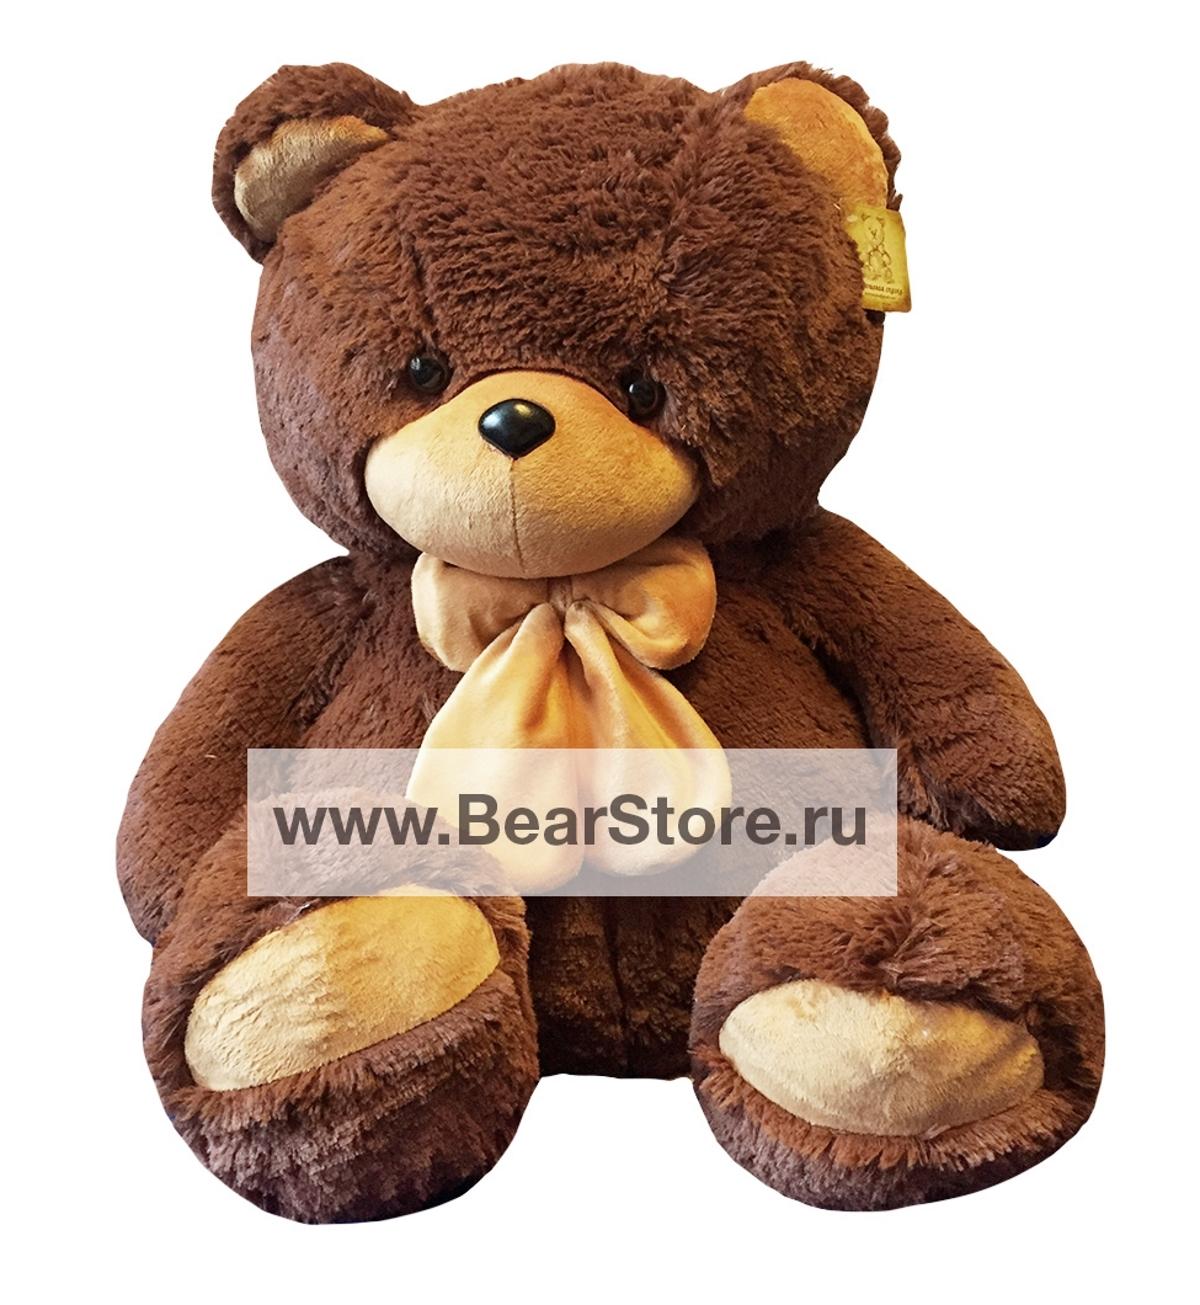 Медведь Топтыжка 90 см